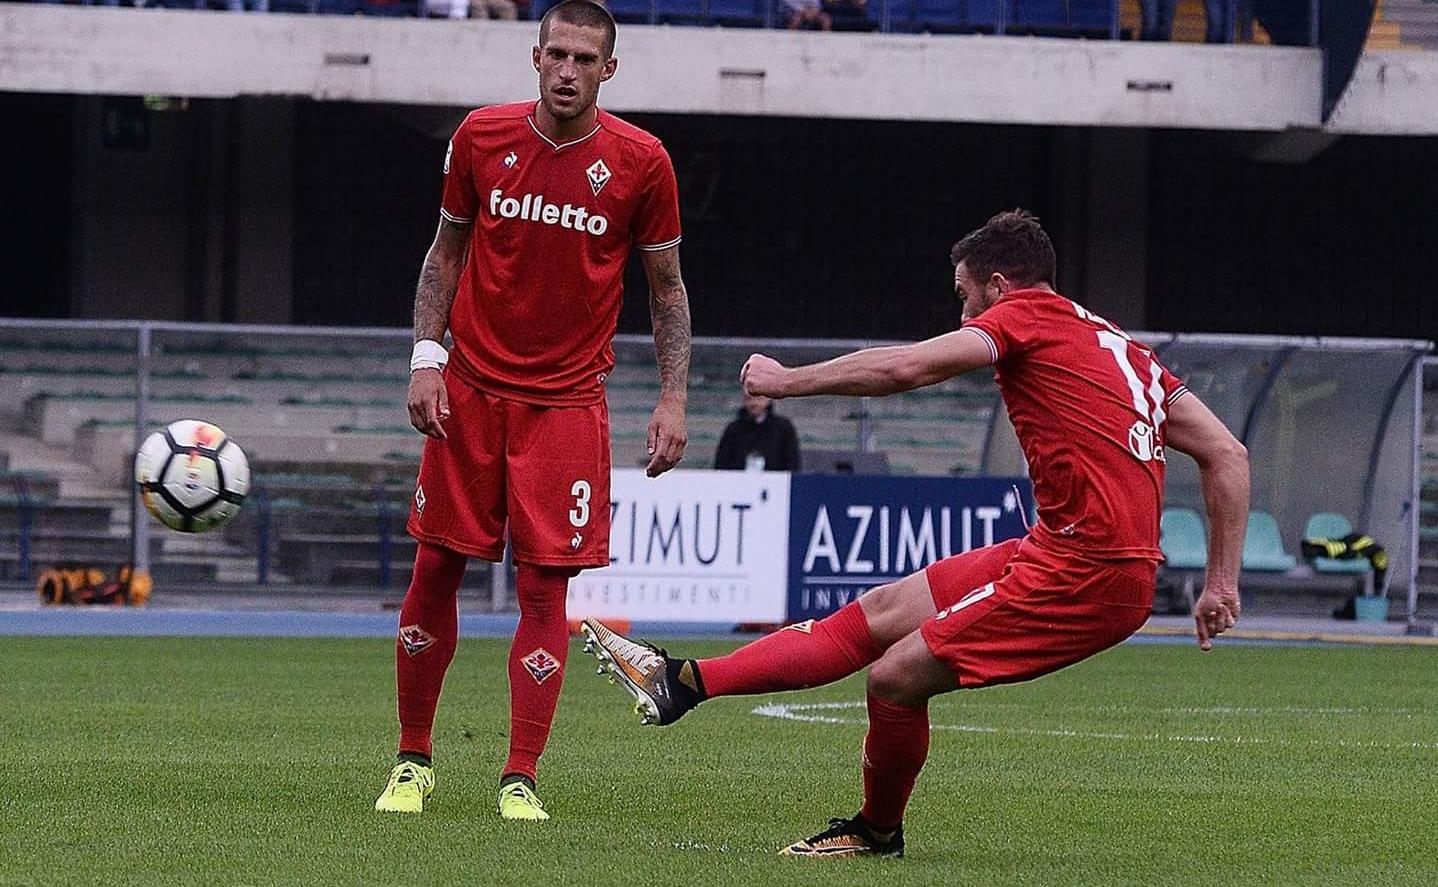 E intanto Sport Mediaset nemmeno fa vedere il gol spettacolo di Veretout su punizione…